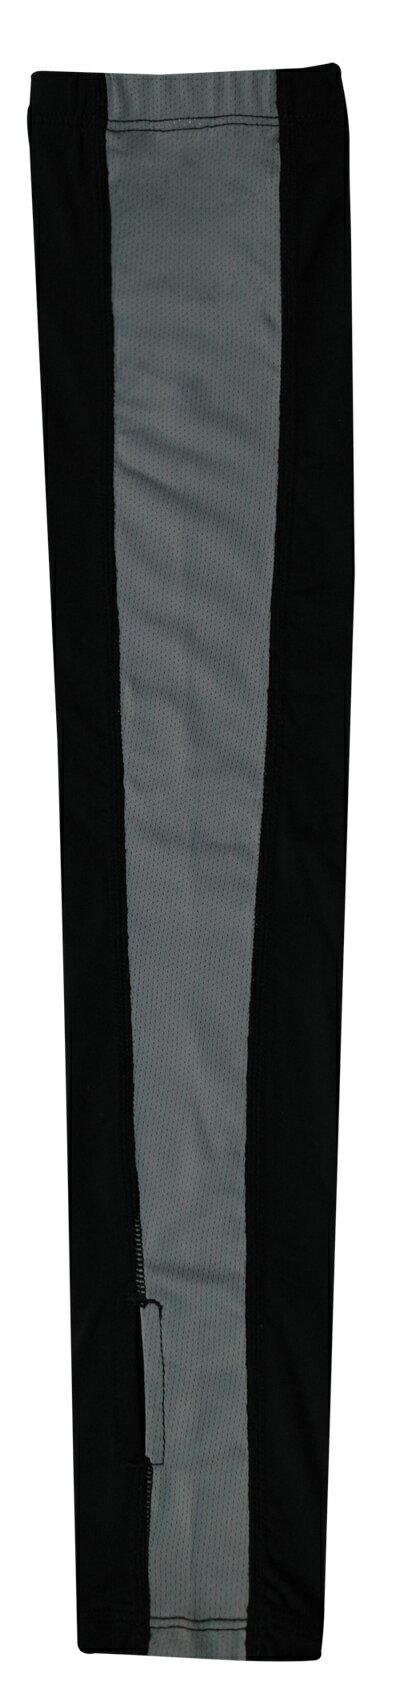 ├登山樂┤台灣MOUNTNEER 山林 中性透氣抗UV袖套 黑#11K95-01